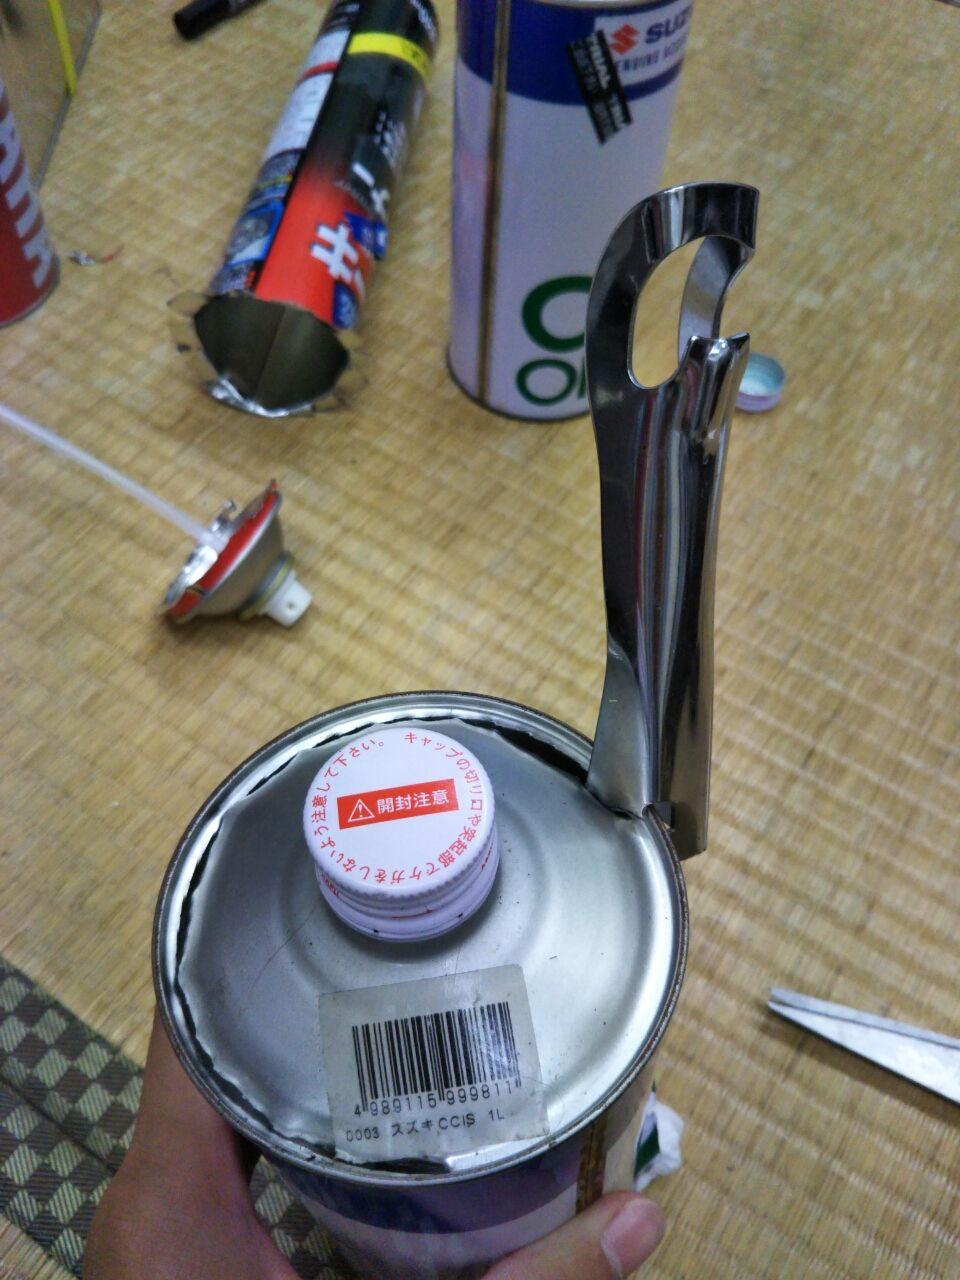 注ぎ 一 方 缶 斗